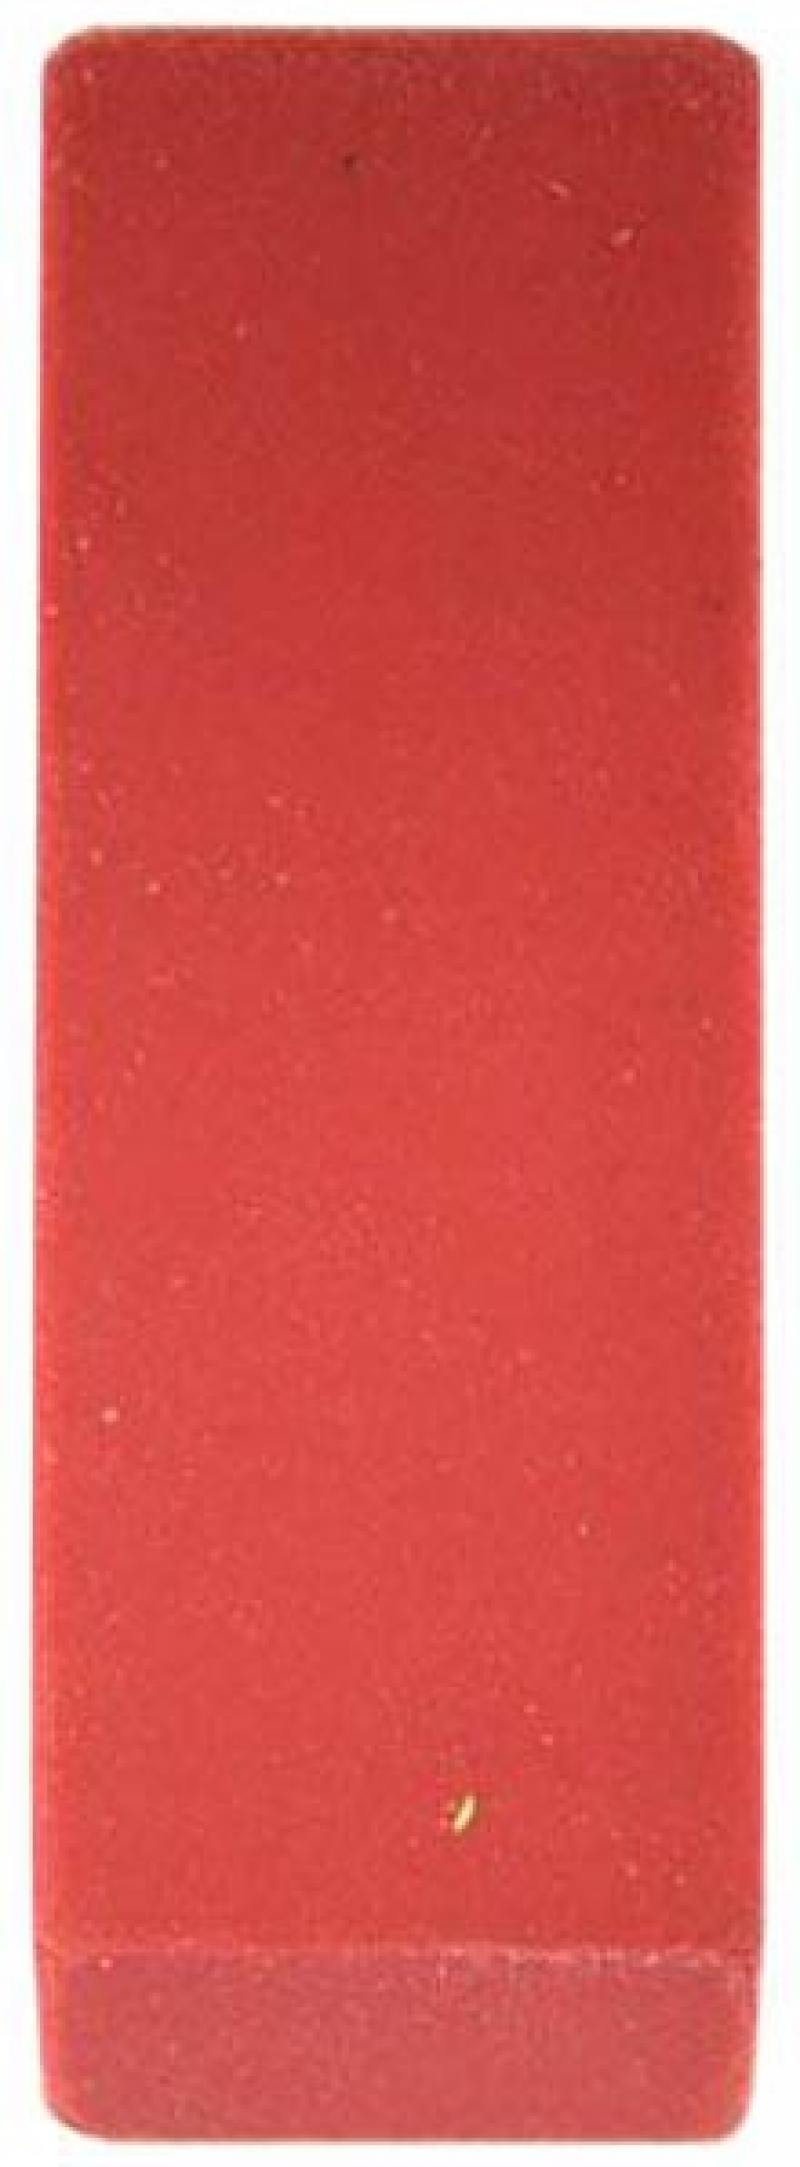 Ластик прямоугольный скошенный НЕОН уп.- п/п с европодвесом одуванчик п 205мг 100 таблетки